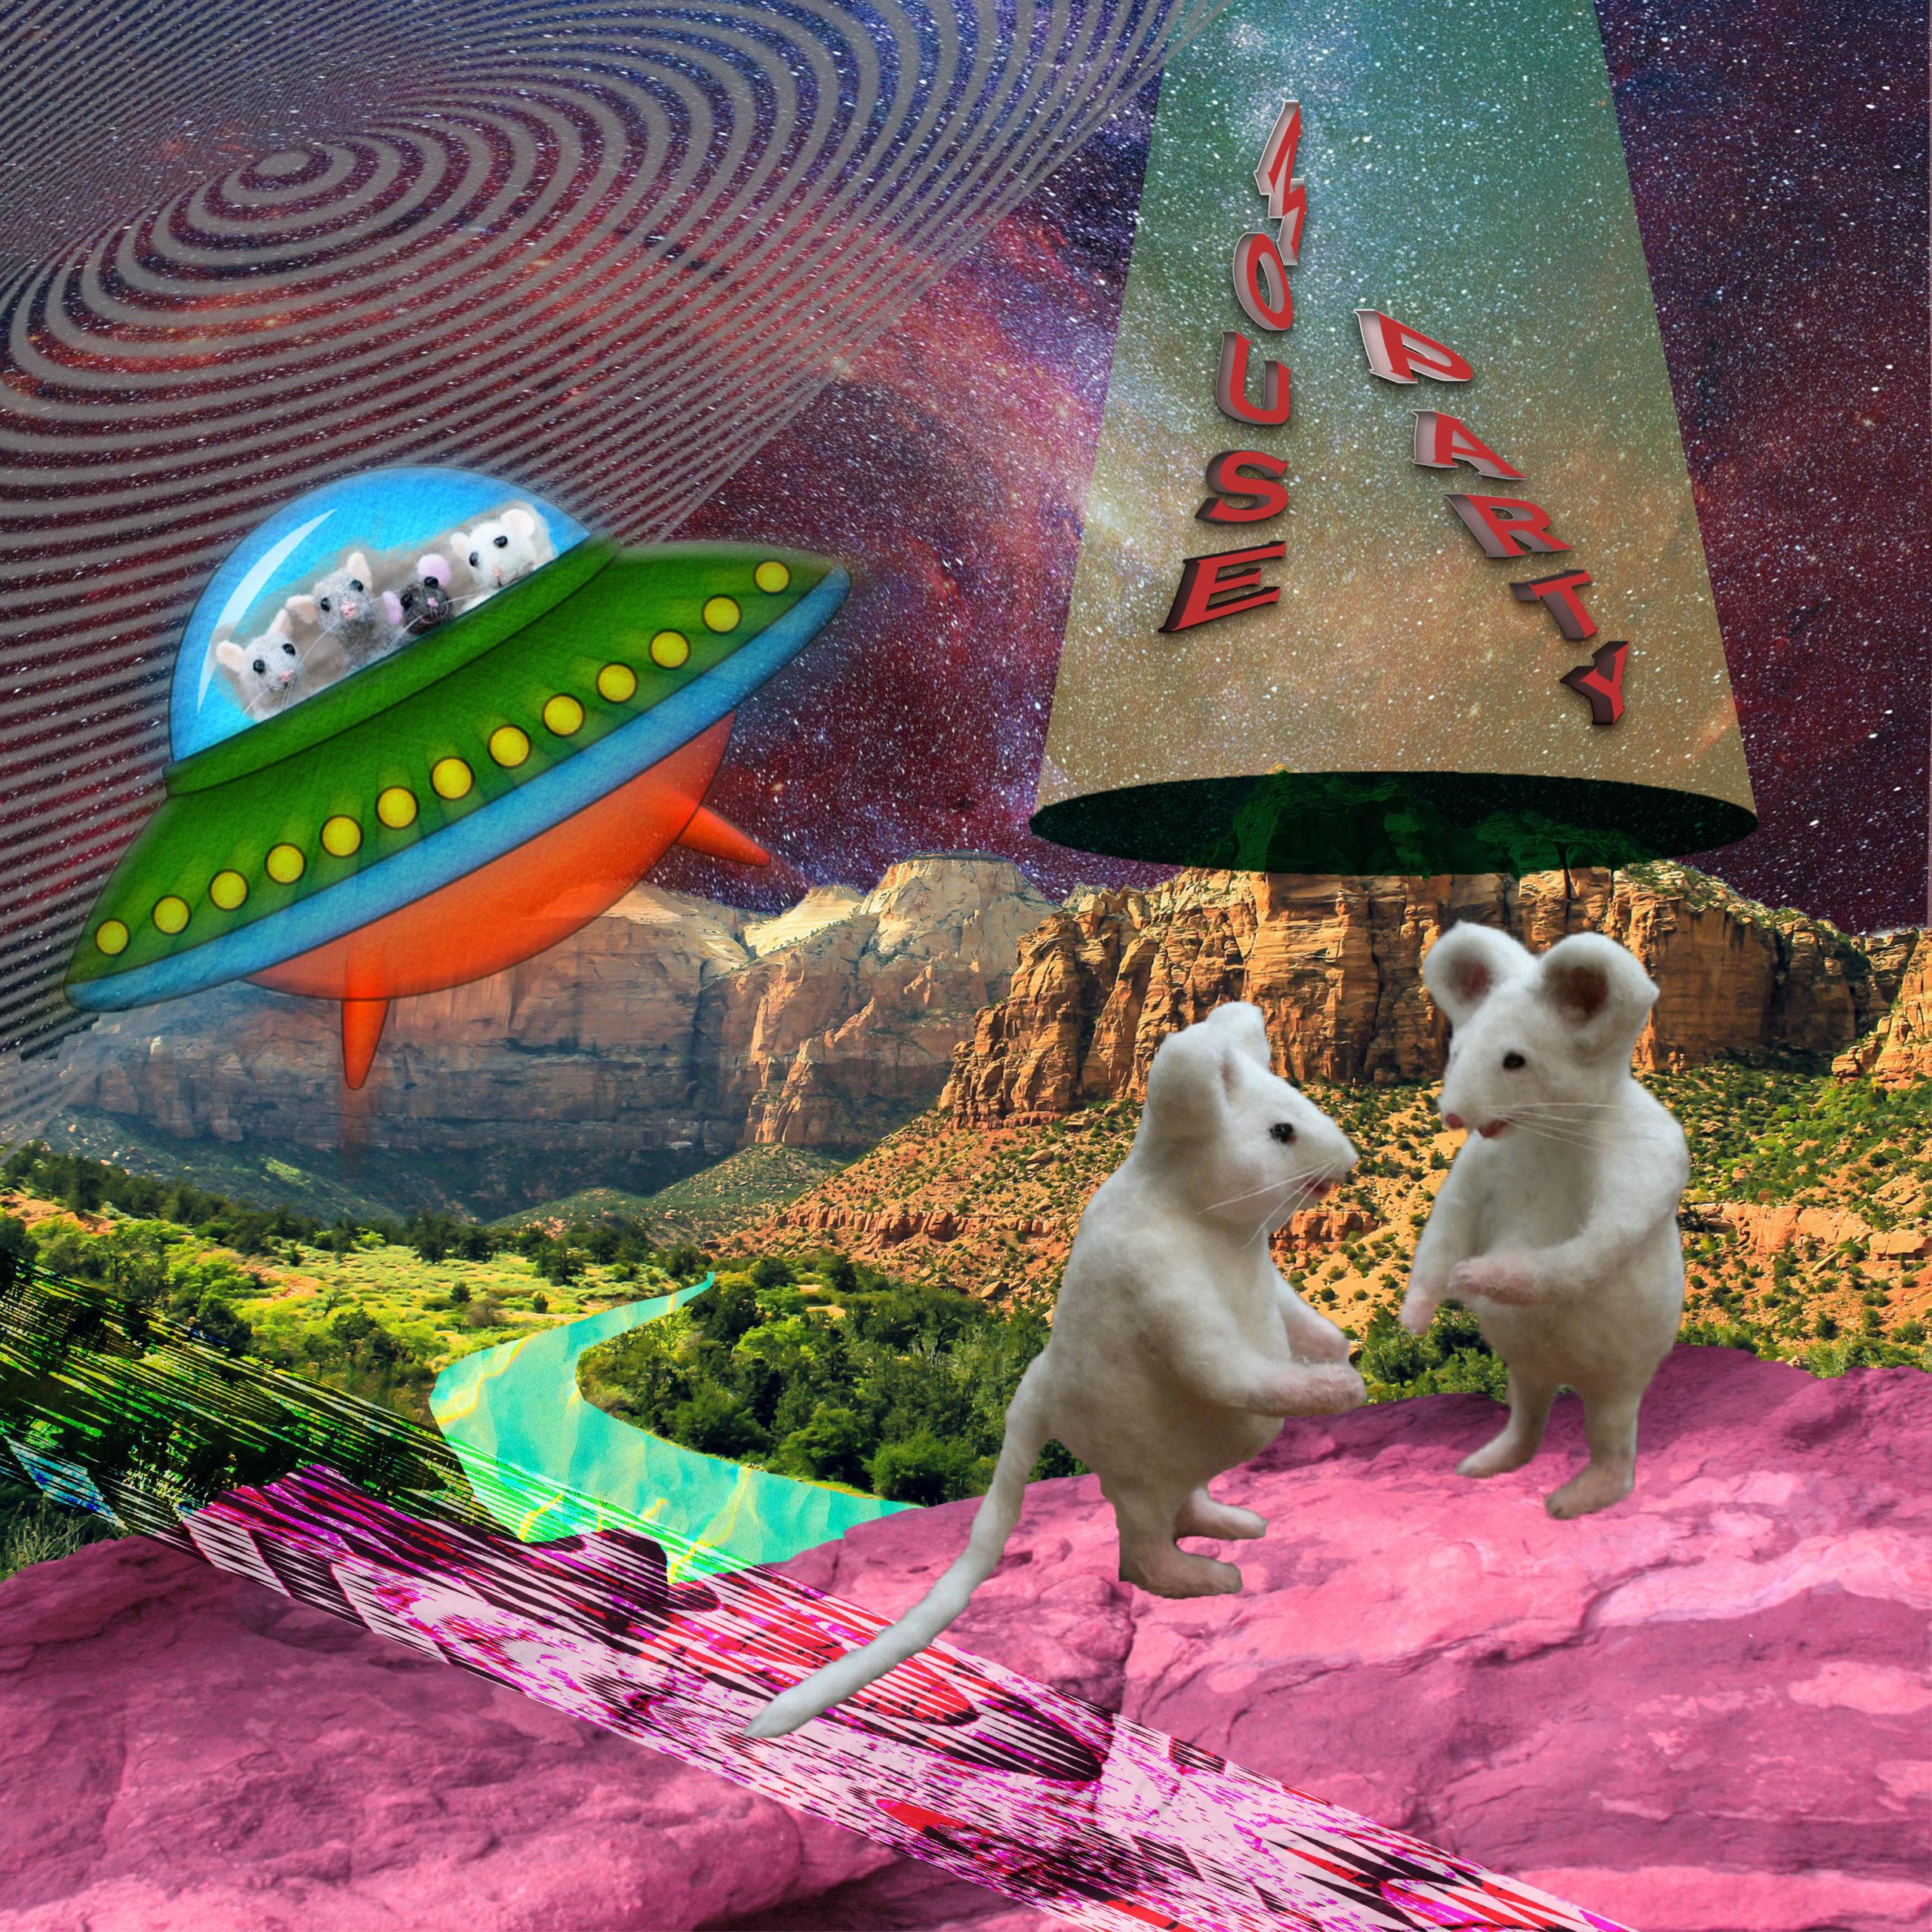 trippy ass album cover